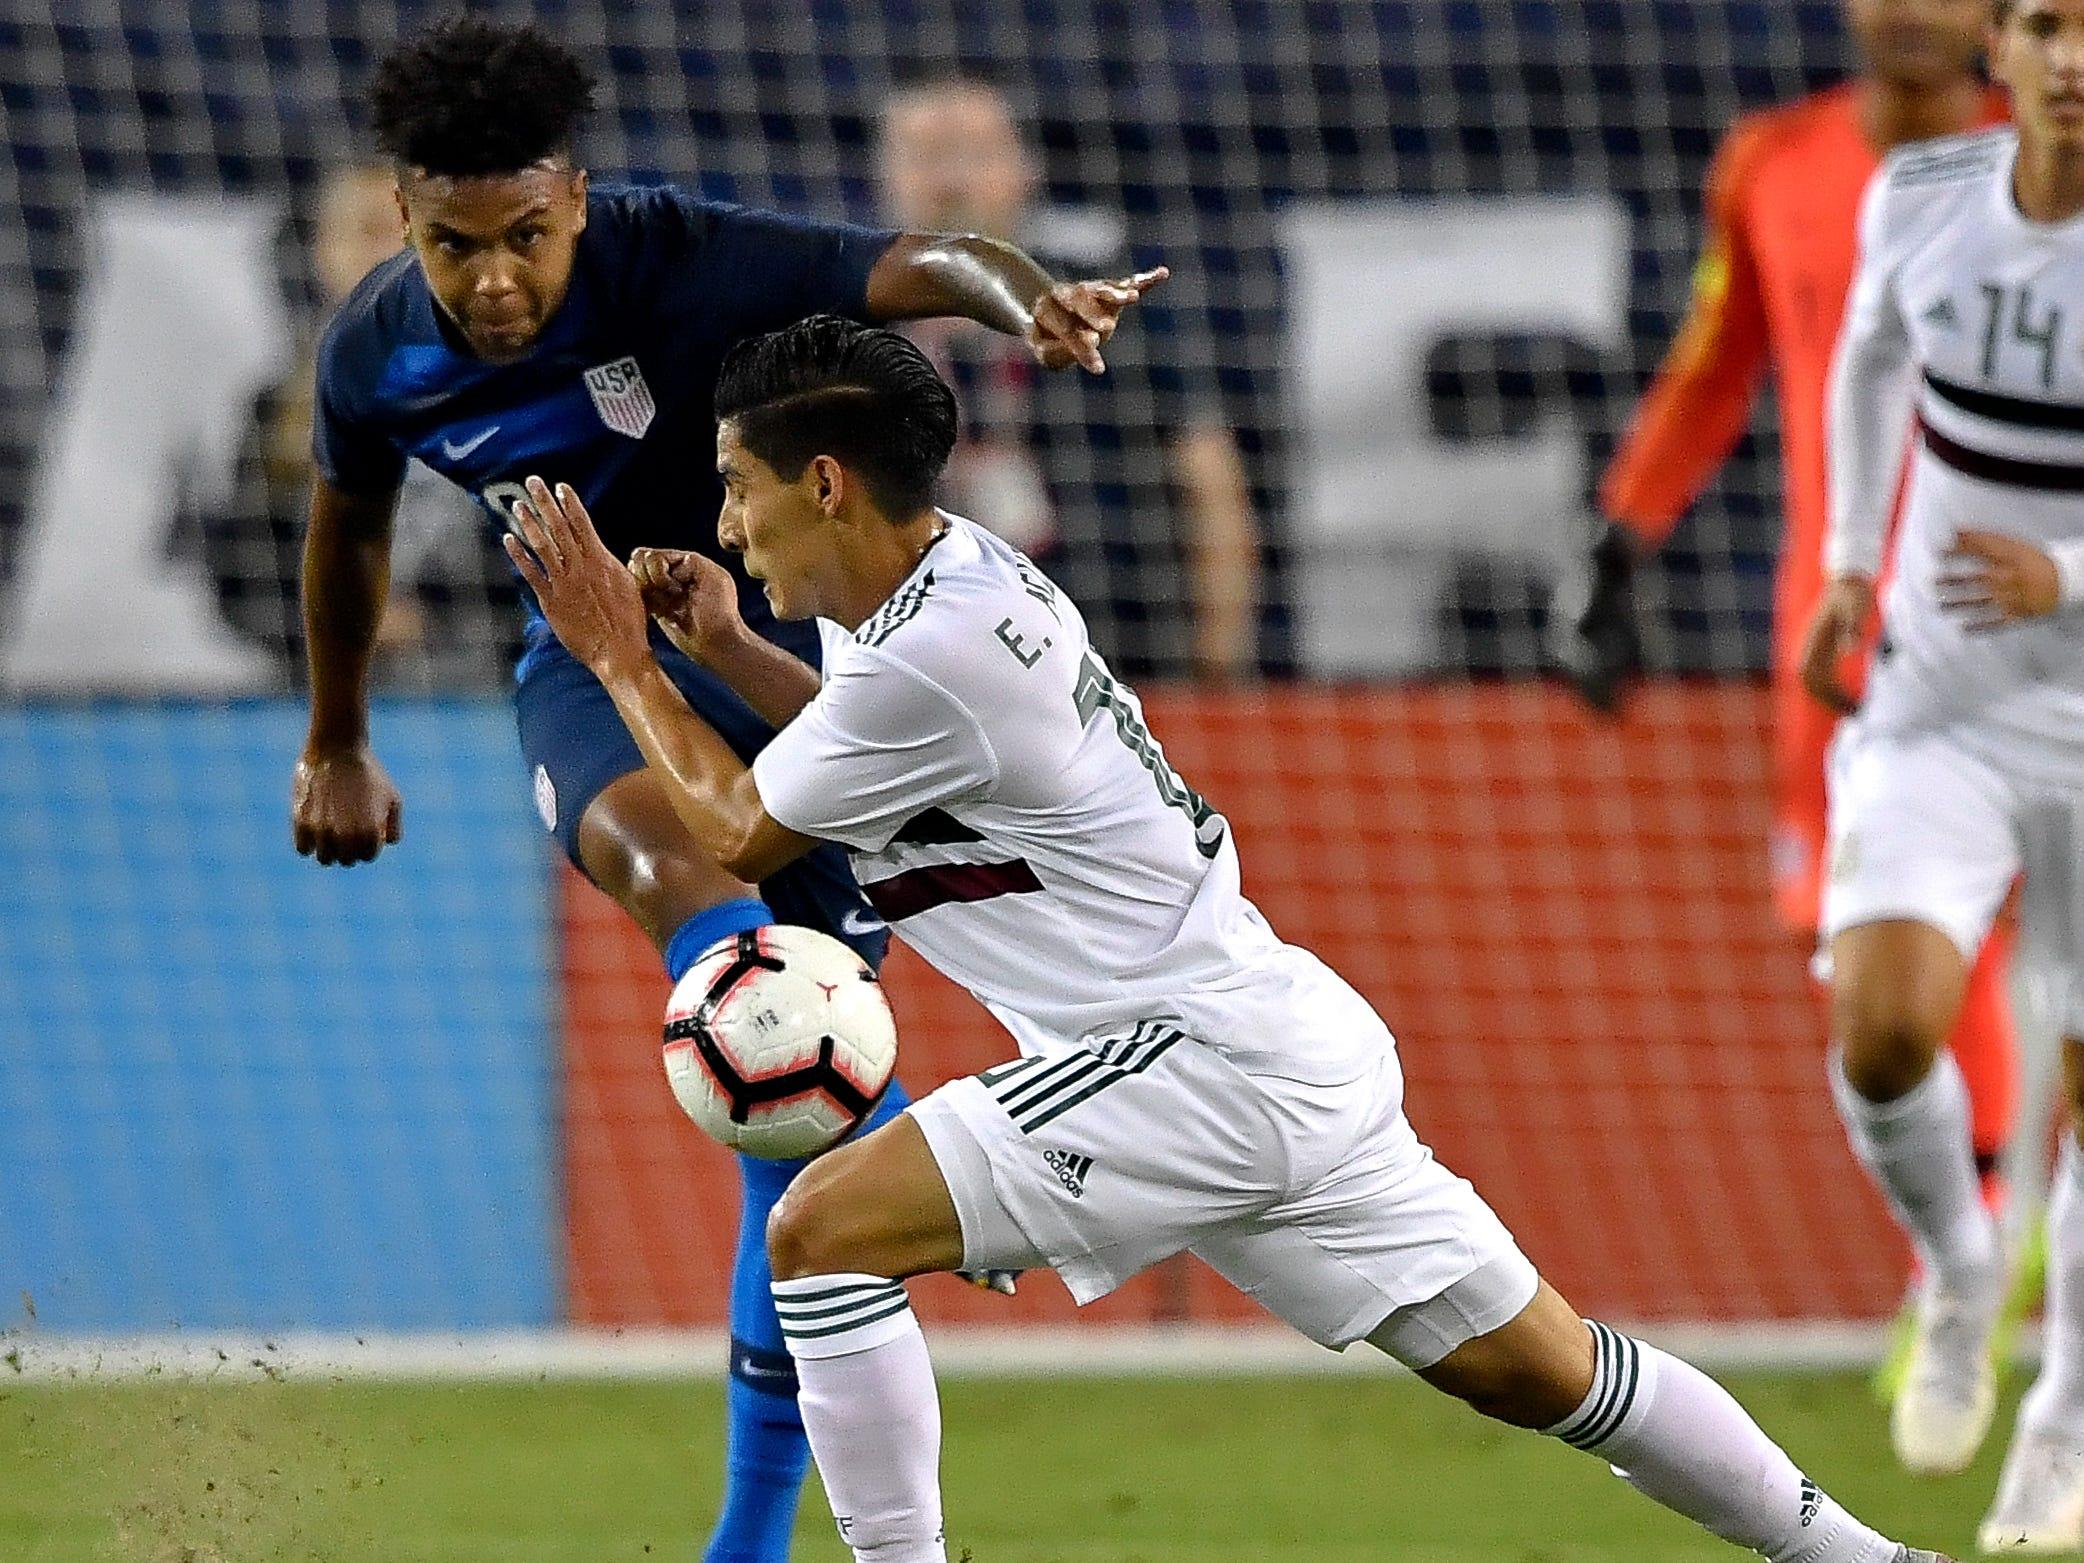 Mexico midfielder Erick Aguirre (16) defends against USA midfielder Weston McKennie (8) during the first half at Nissan Stadium in Nashville, Tenn., Tuesday, Sept. 11, 2018.